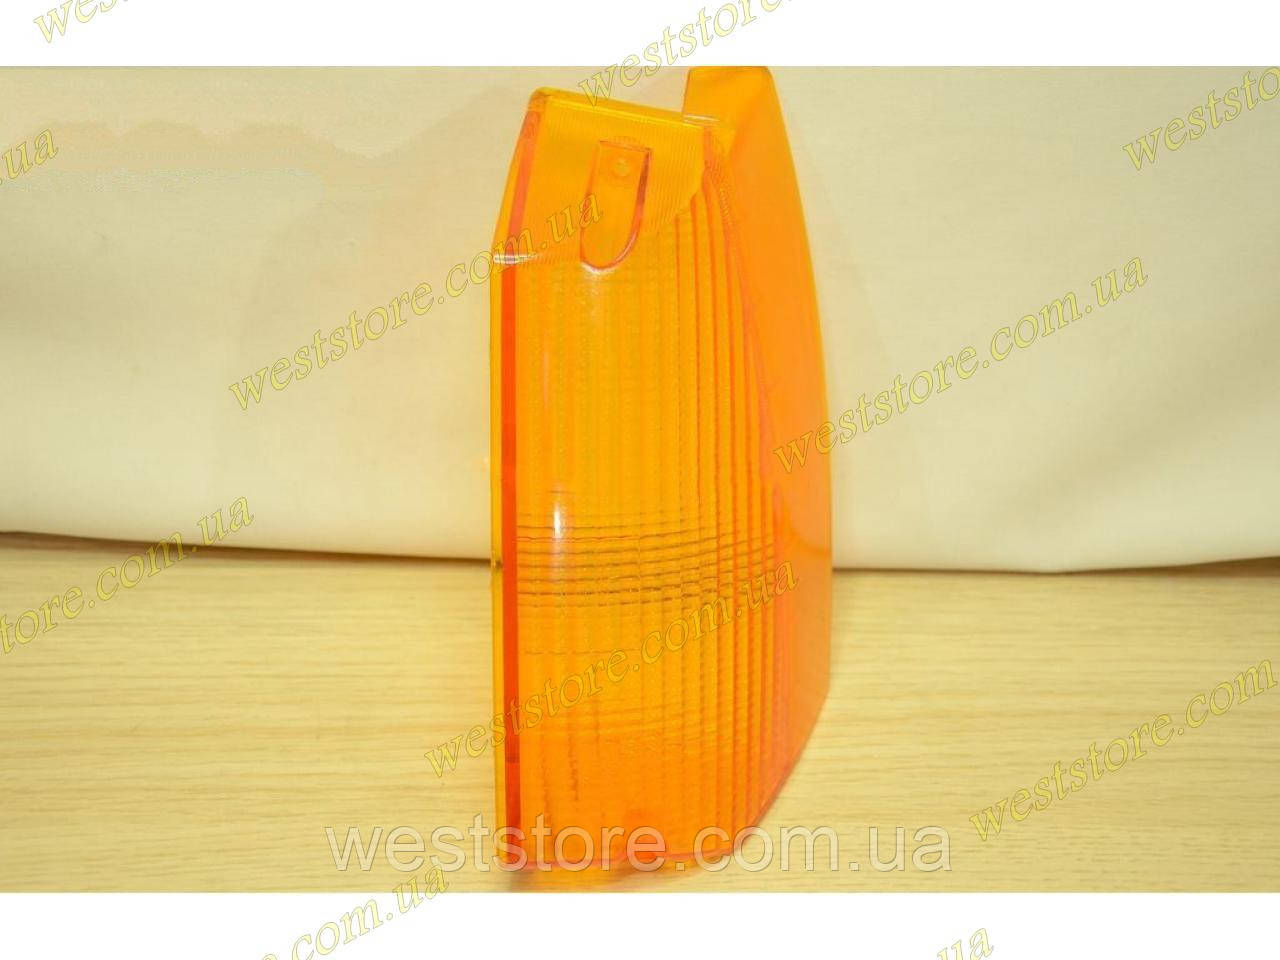 Рассеиватель поворотника (стекло) переднего Заз 1102,1103,1105 Таврия Славута левый желтый